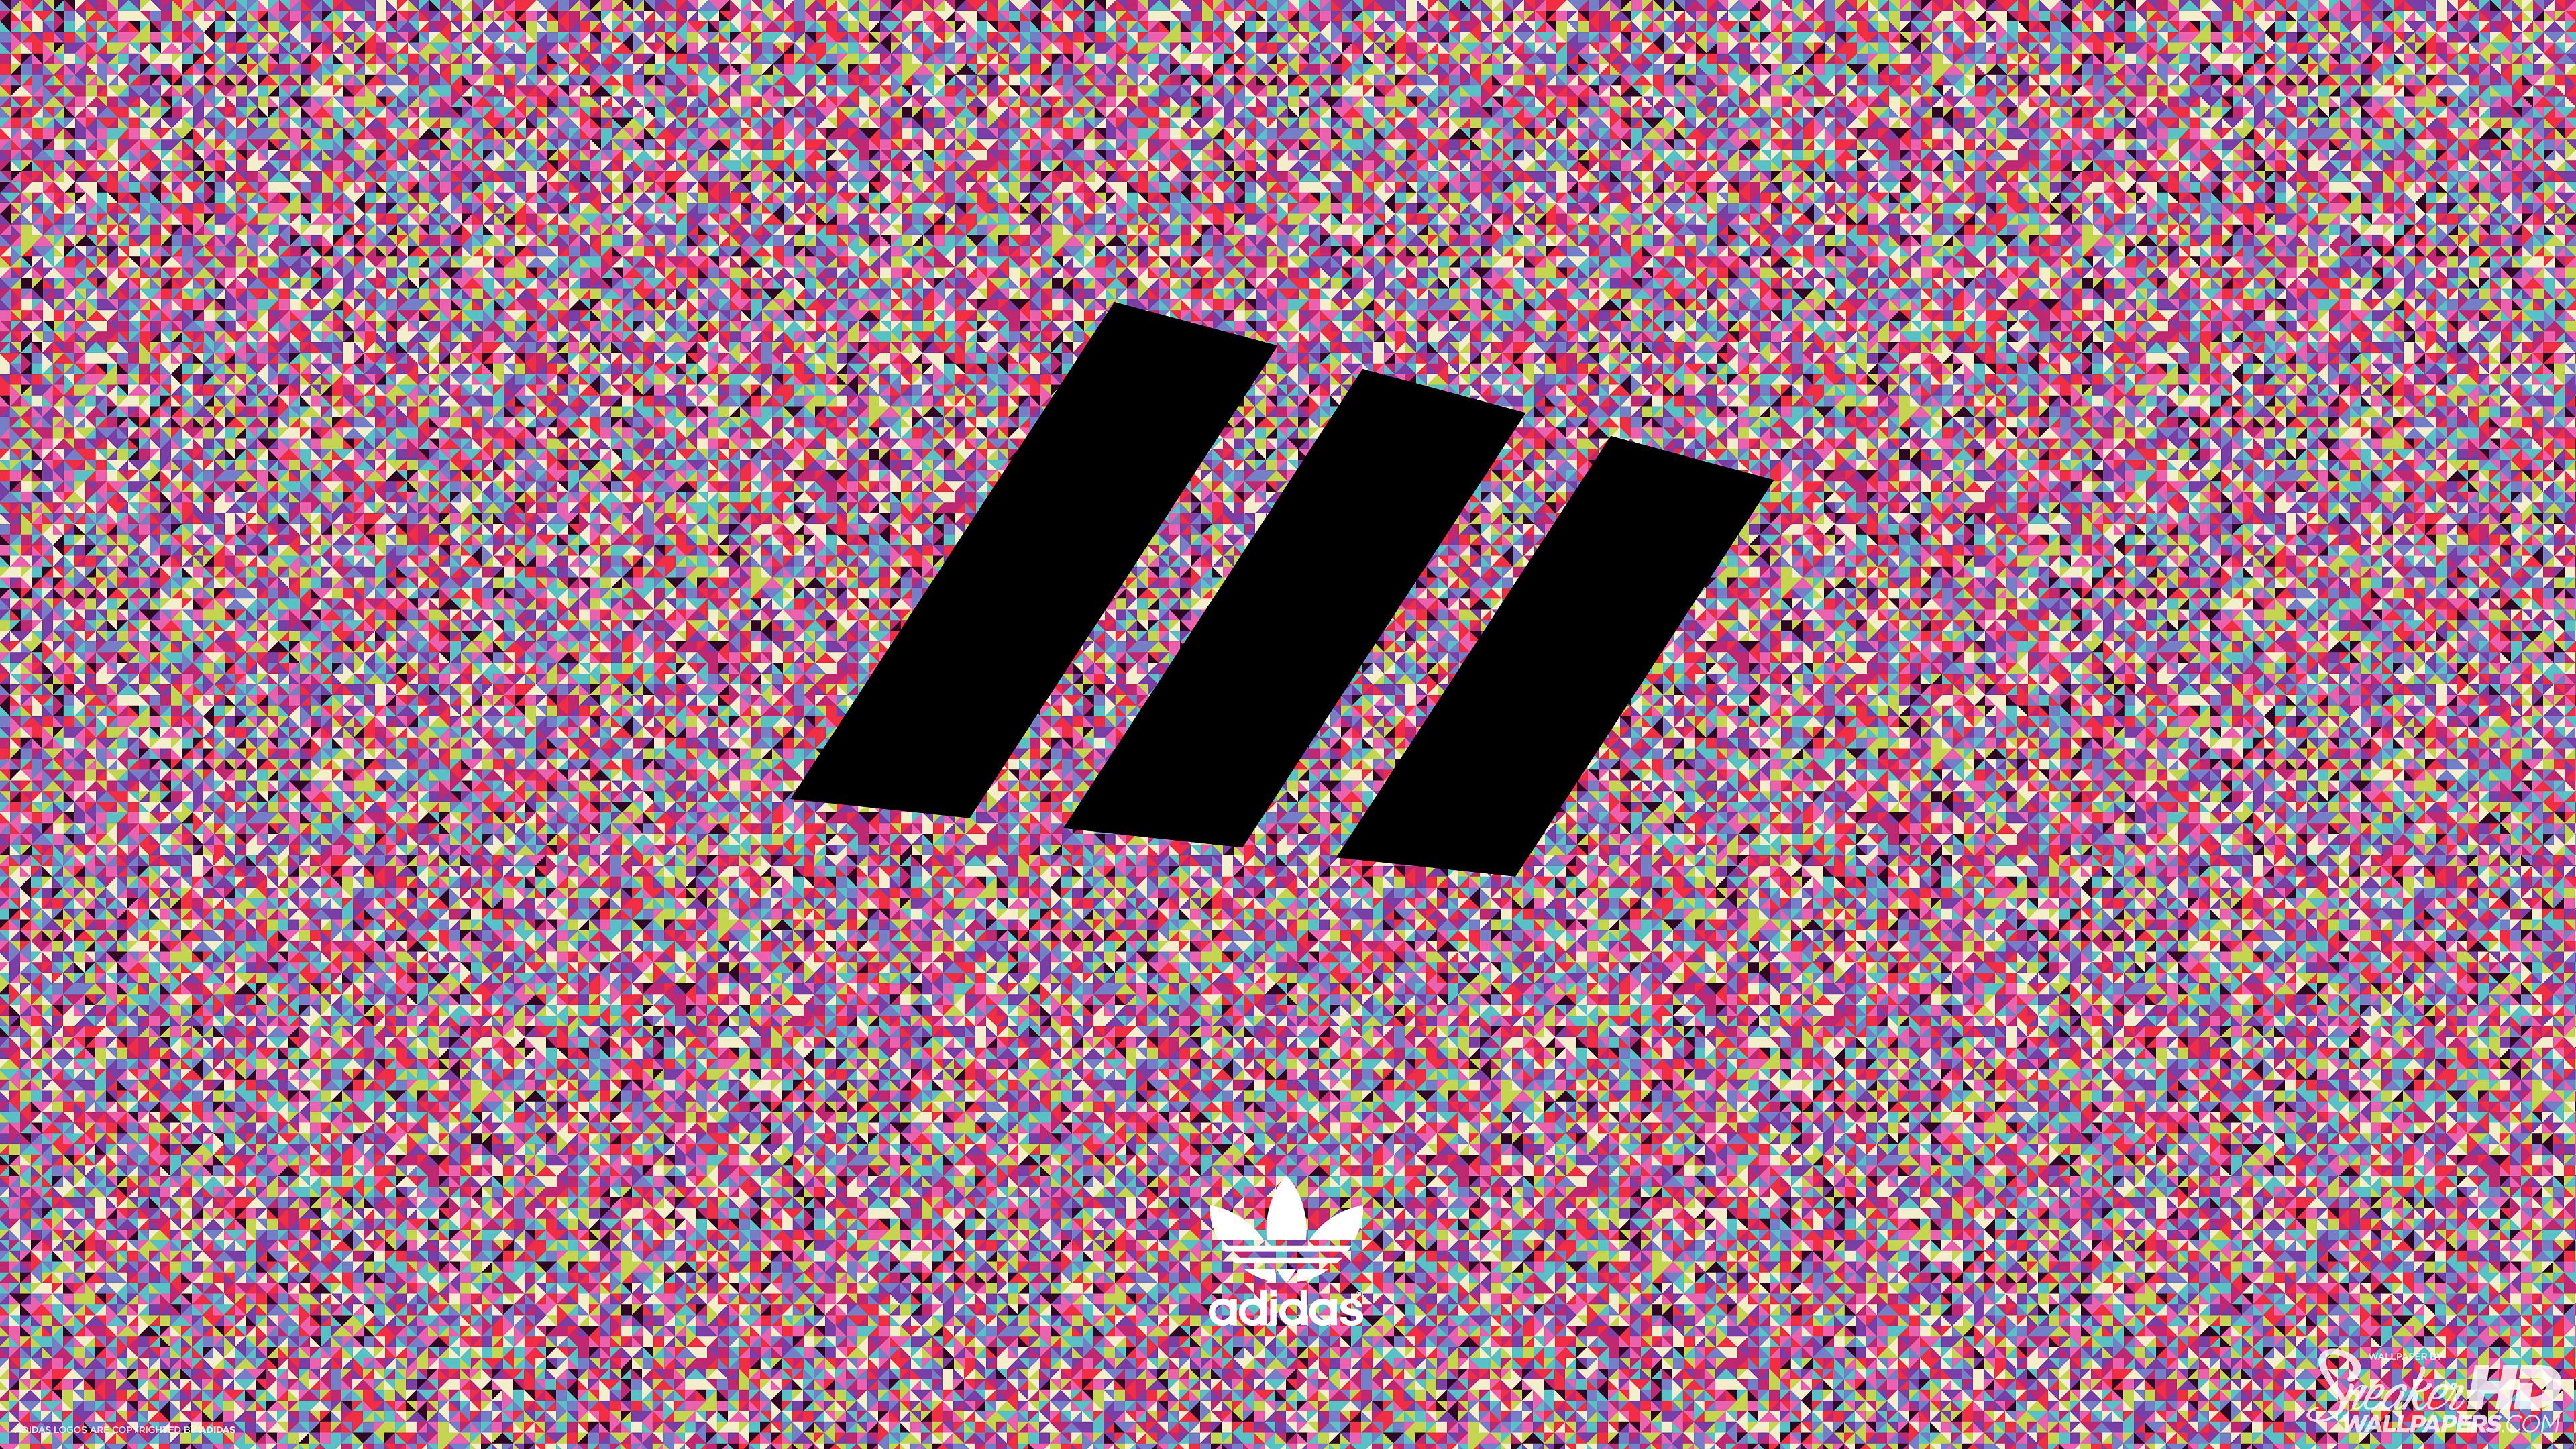 Adidas Originals Wallpaper (59+ images)